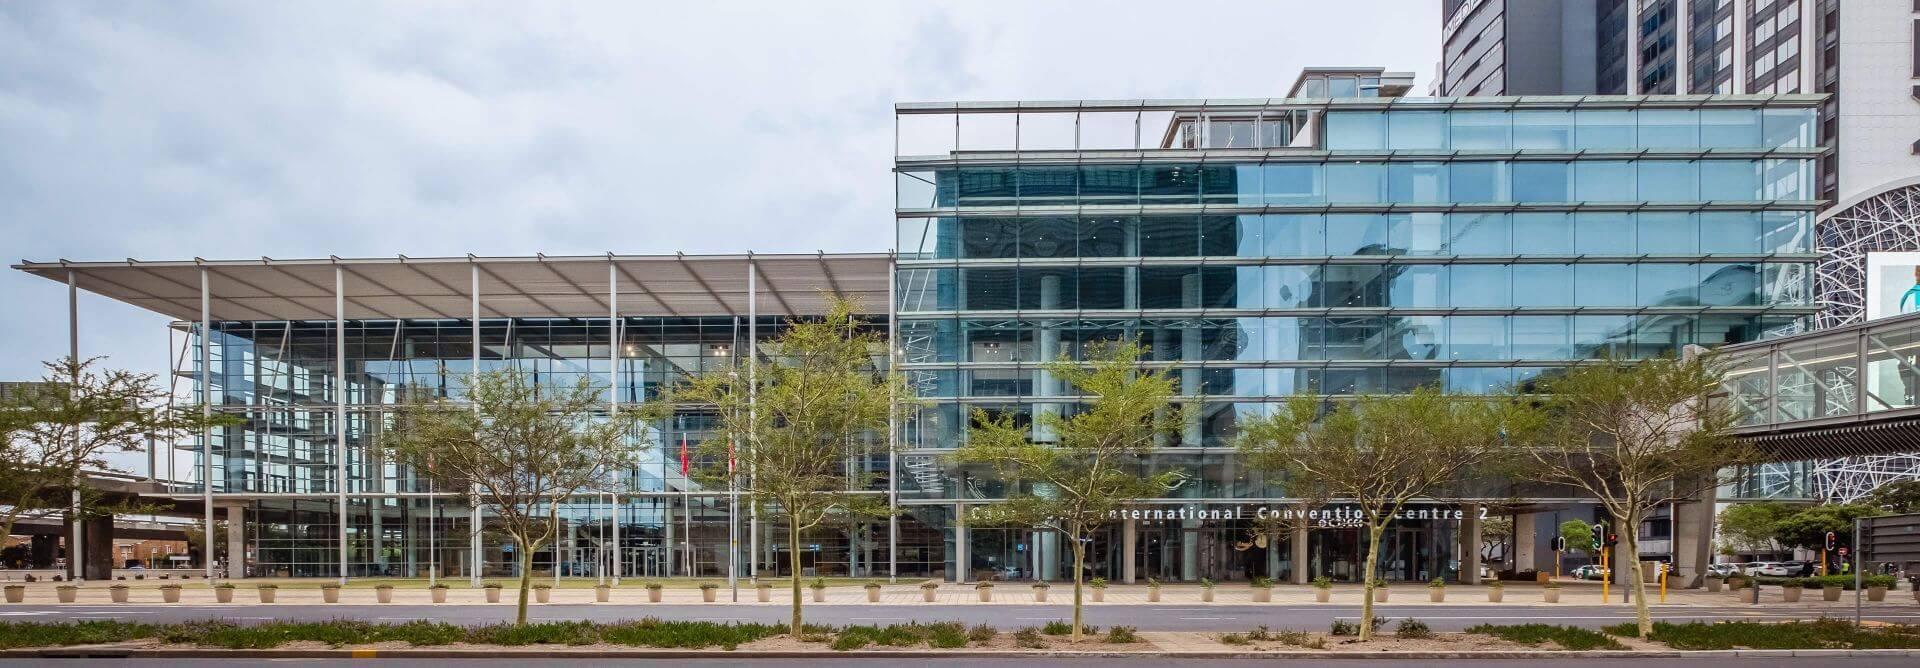 CTICC 2 building